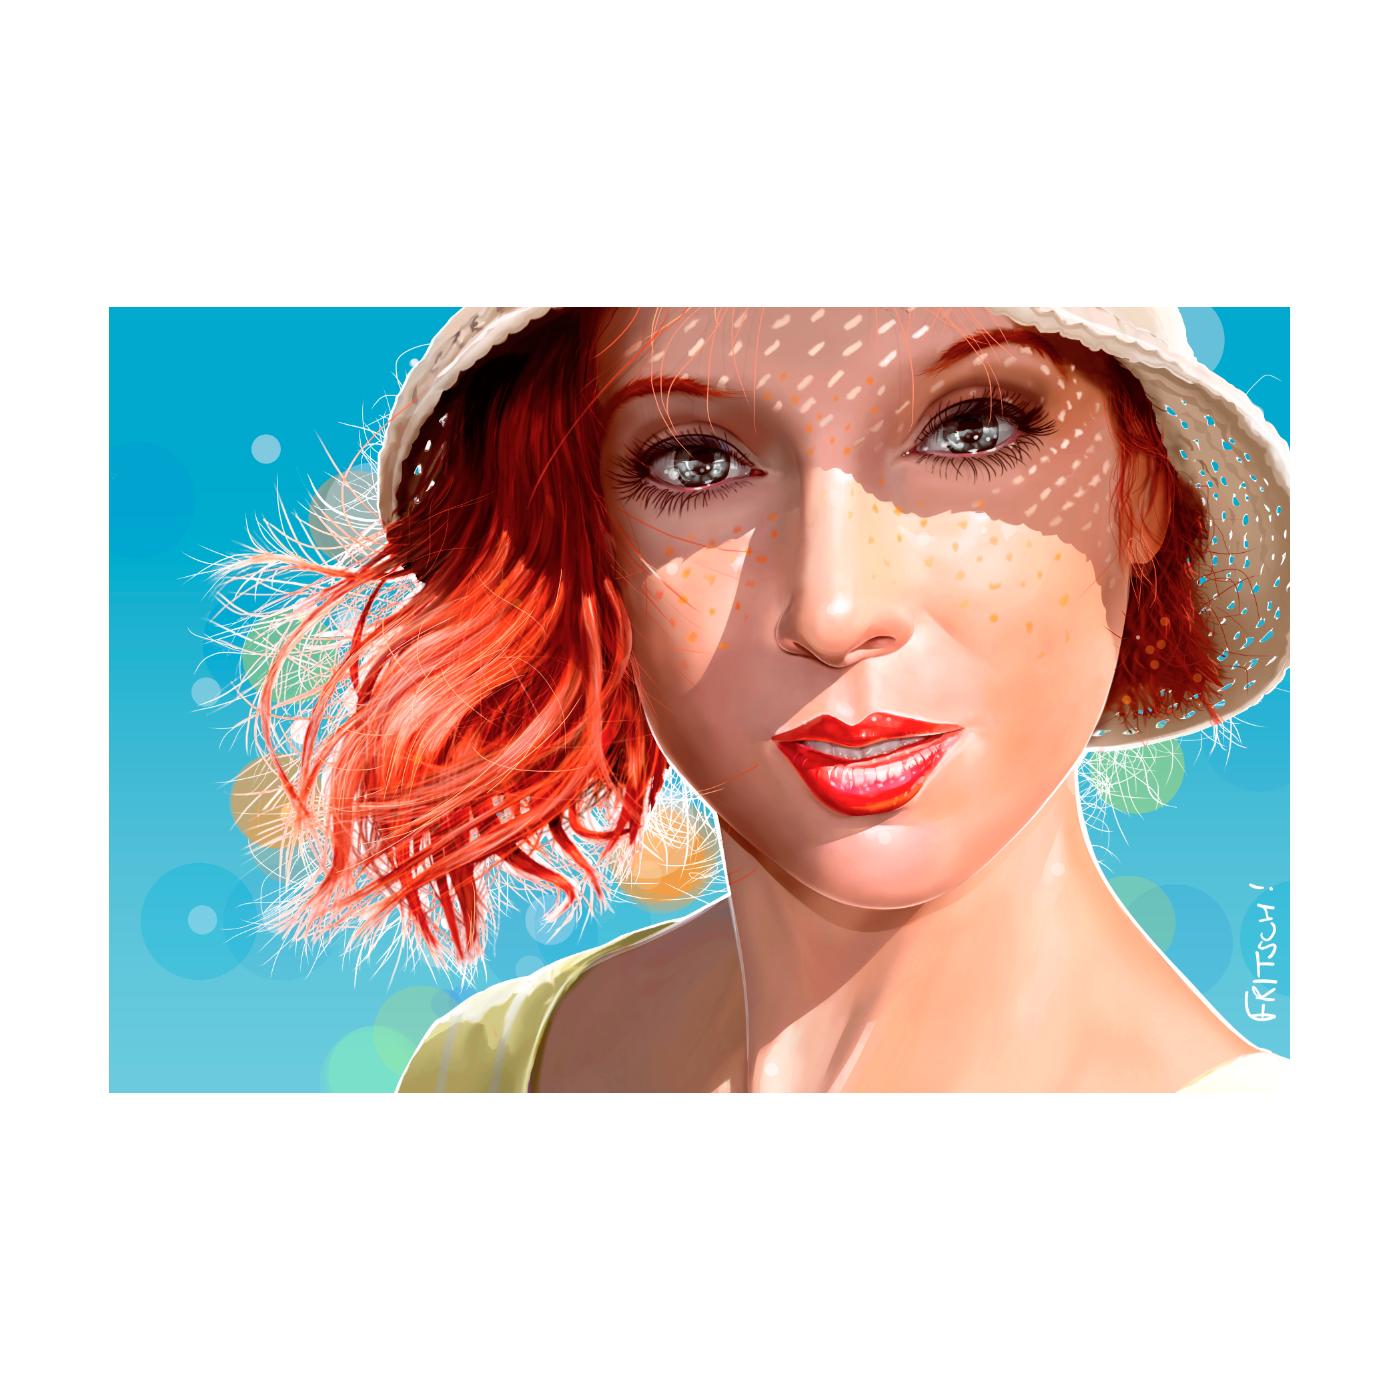 Vincent Fritsch peinture numérique Tableau acrylique Country Heart bleu